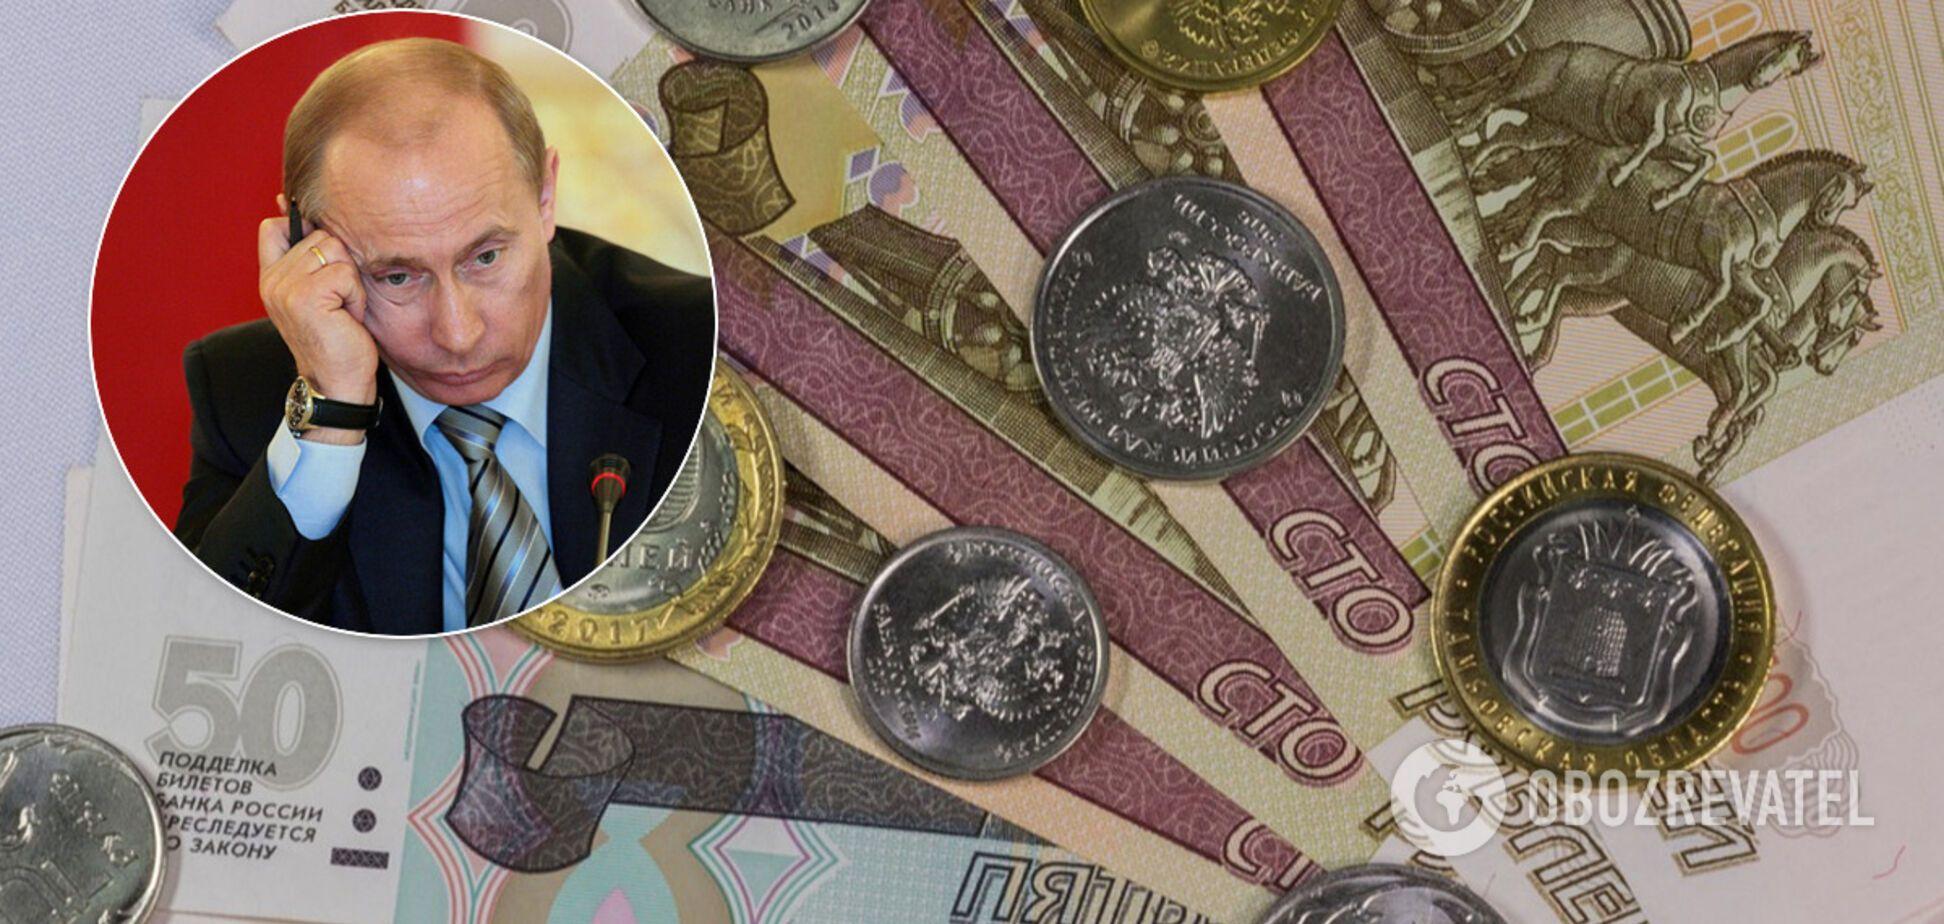 Рубль просів услід за нафтою: що чекає на російську валюту